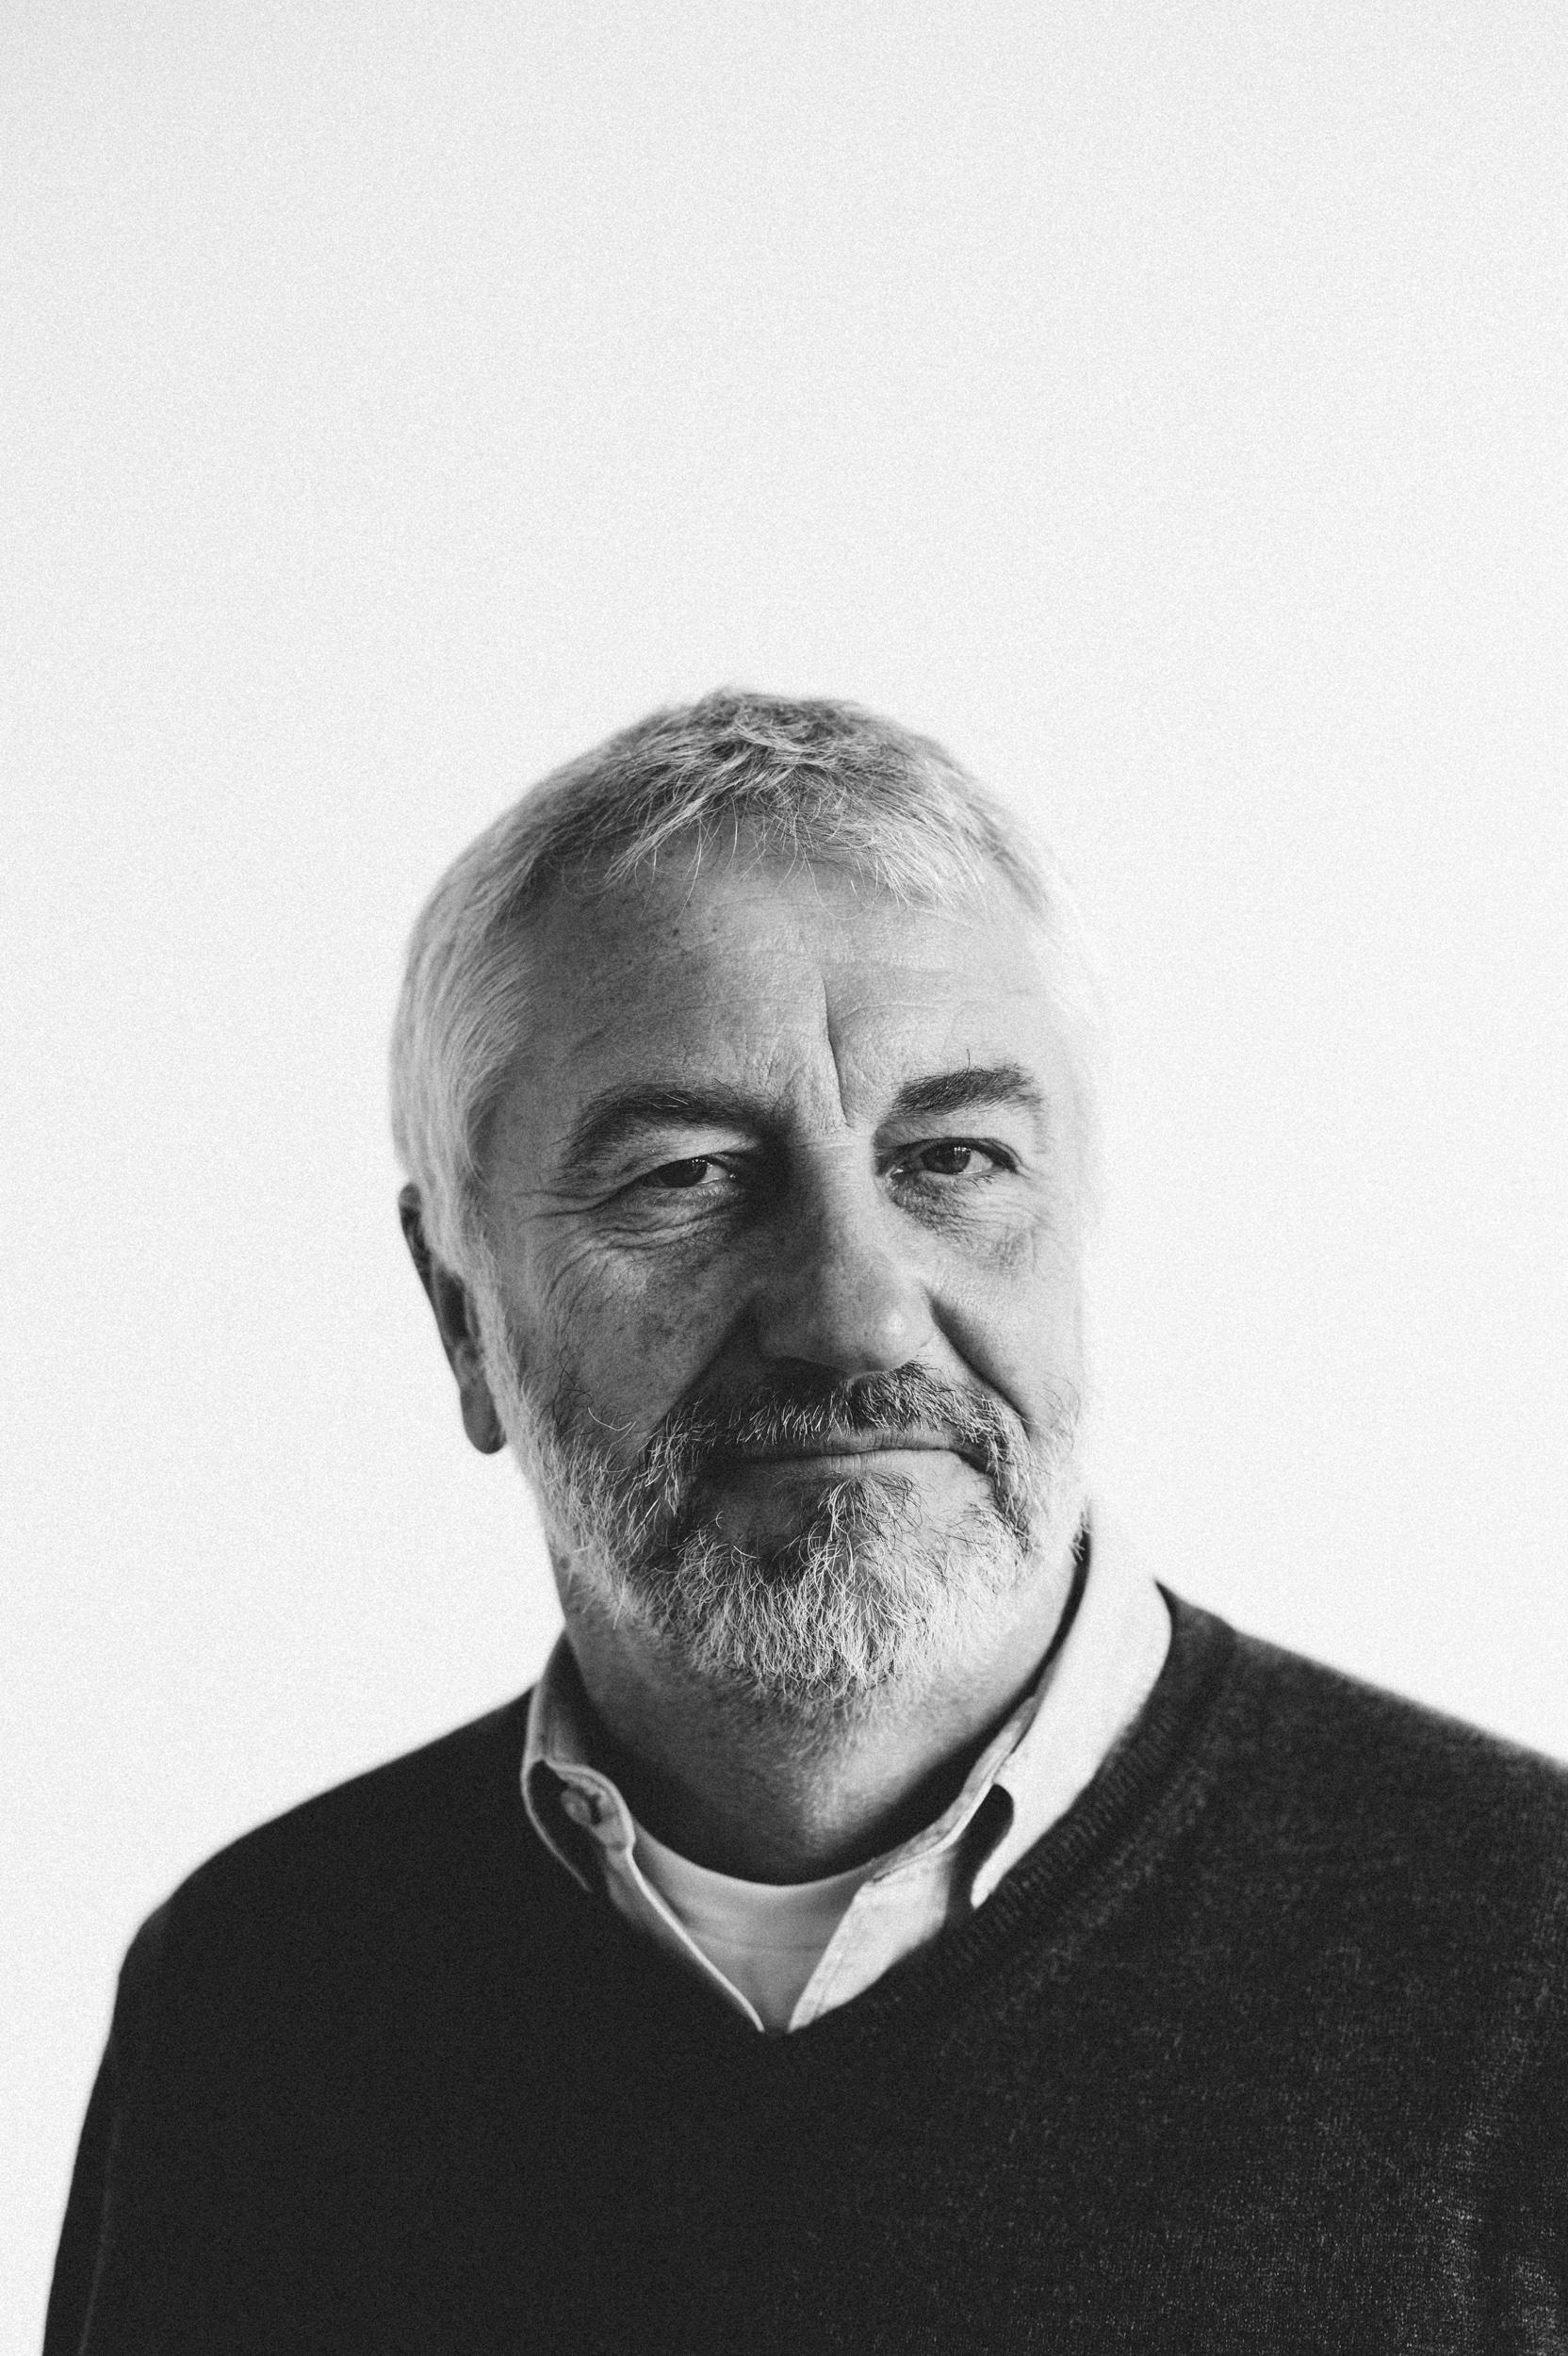 : Manfred Wegner - Professor of Sport Psychology